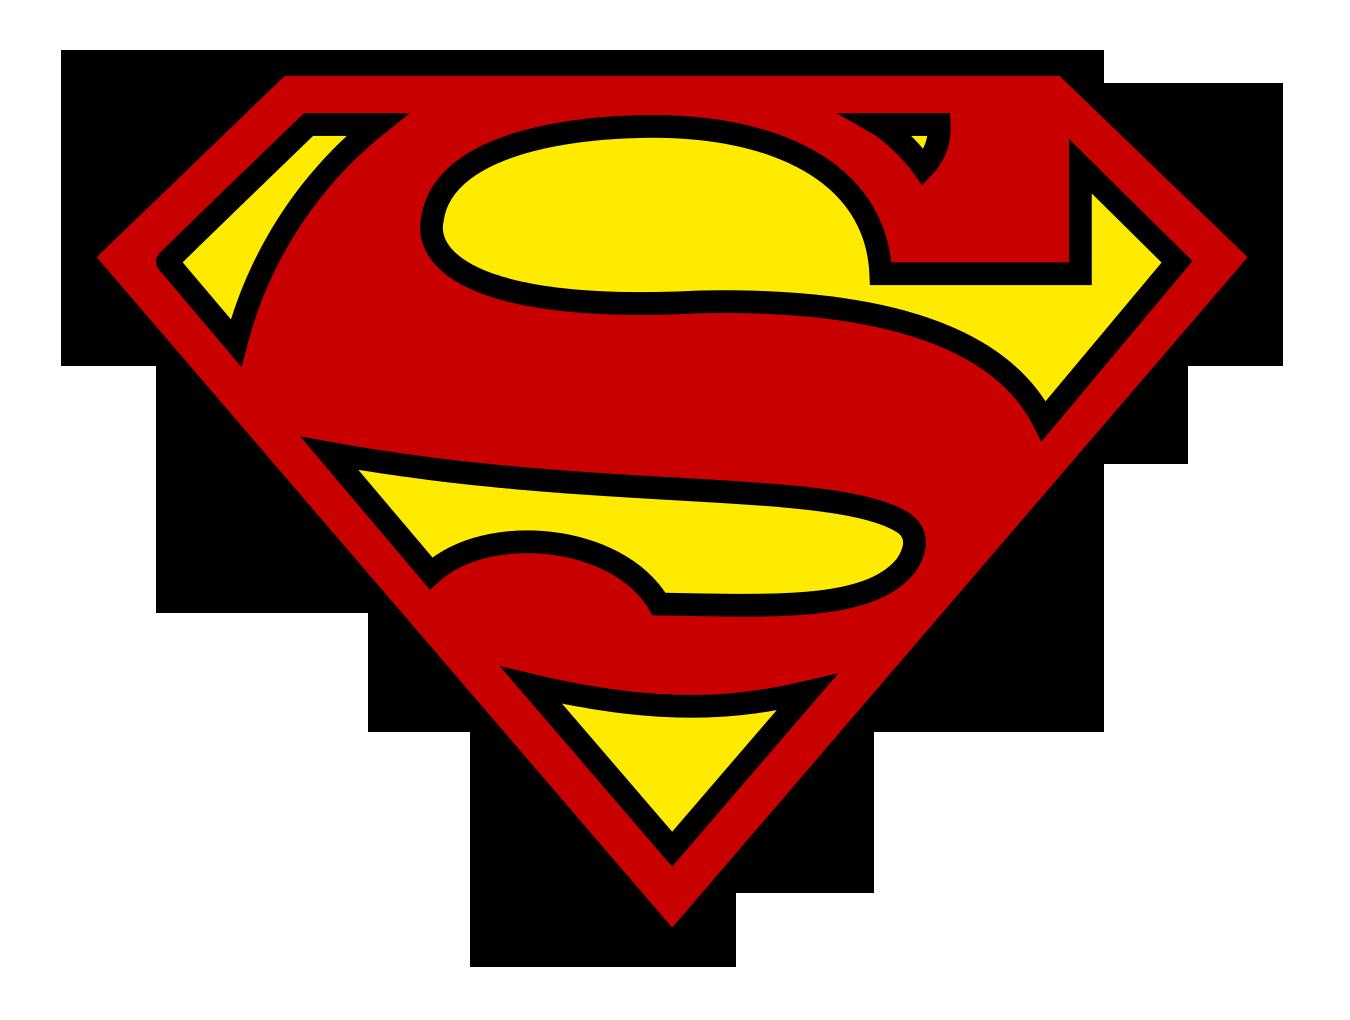 Superman logo histoire et signification evolution - Signe de superman ...